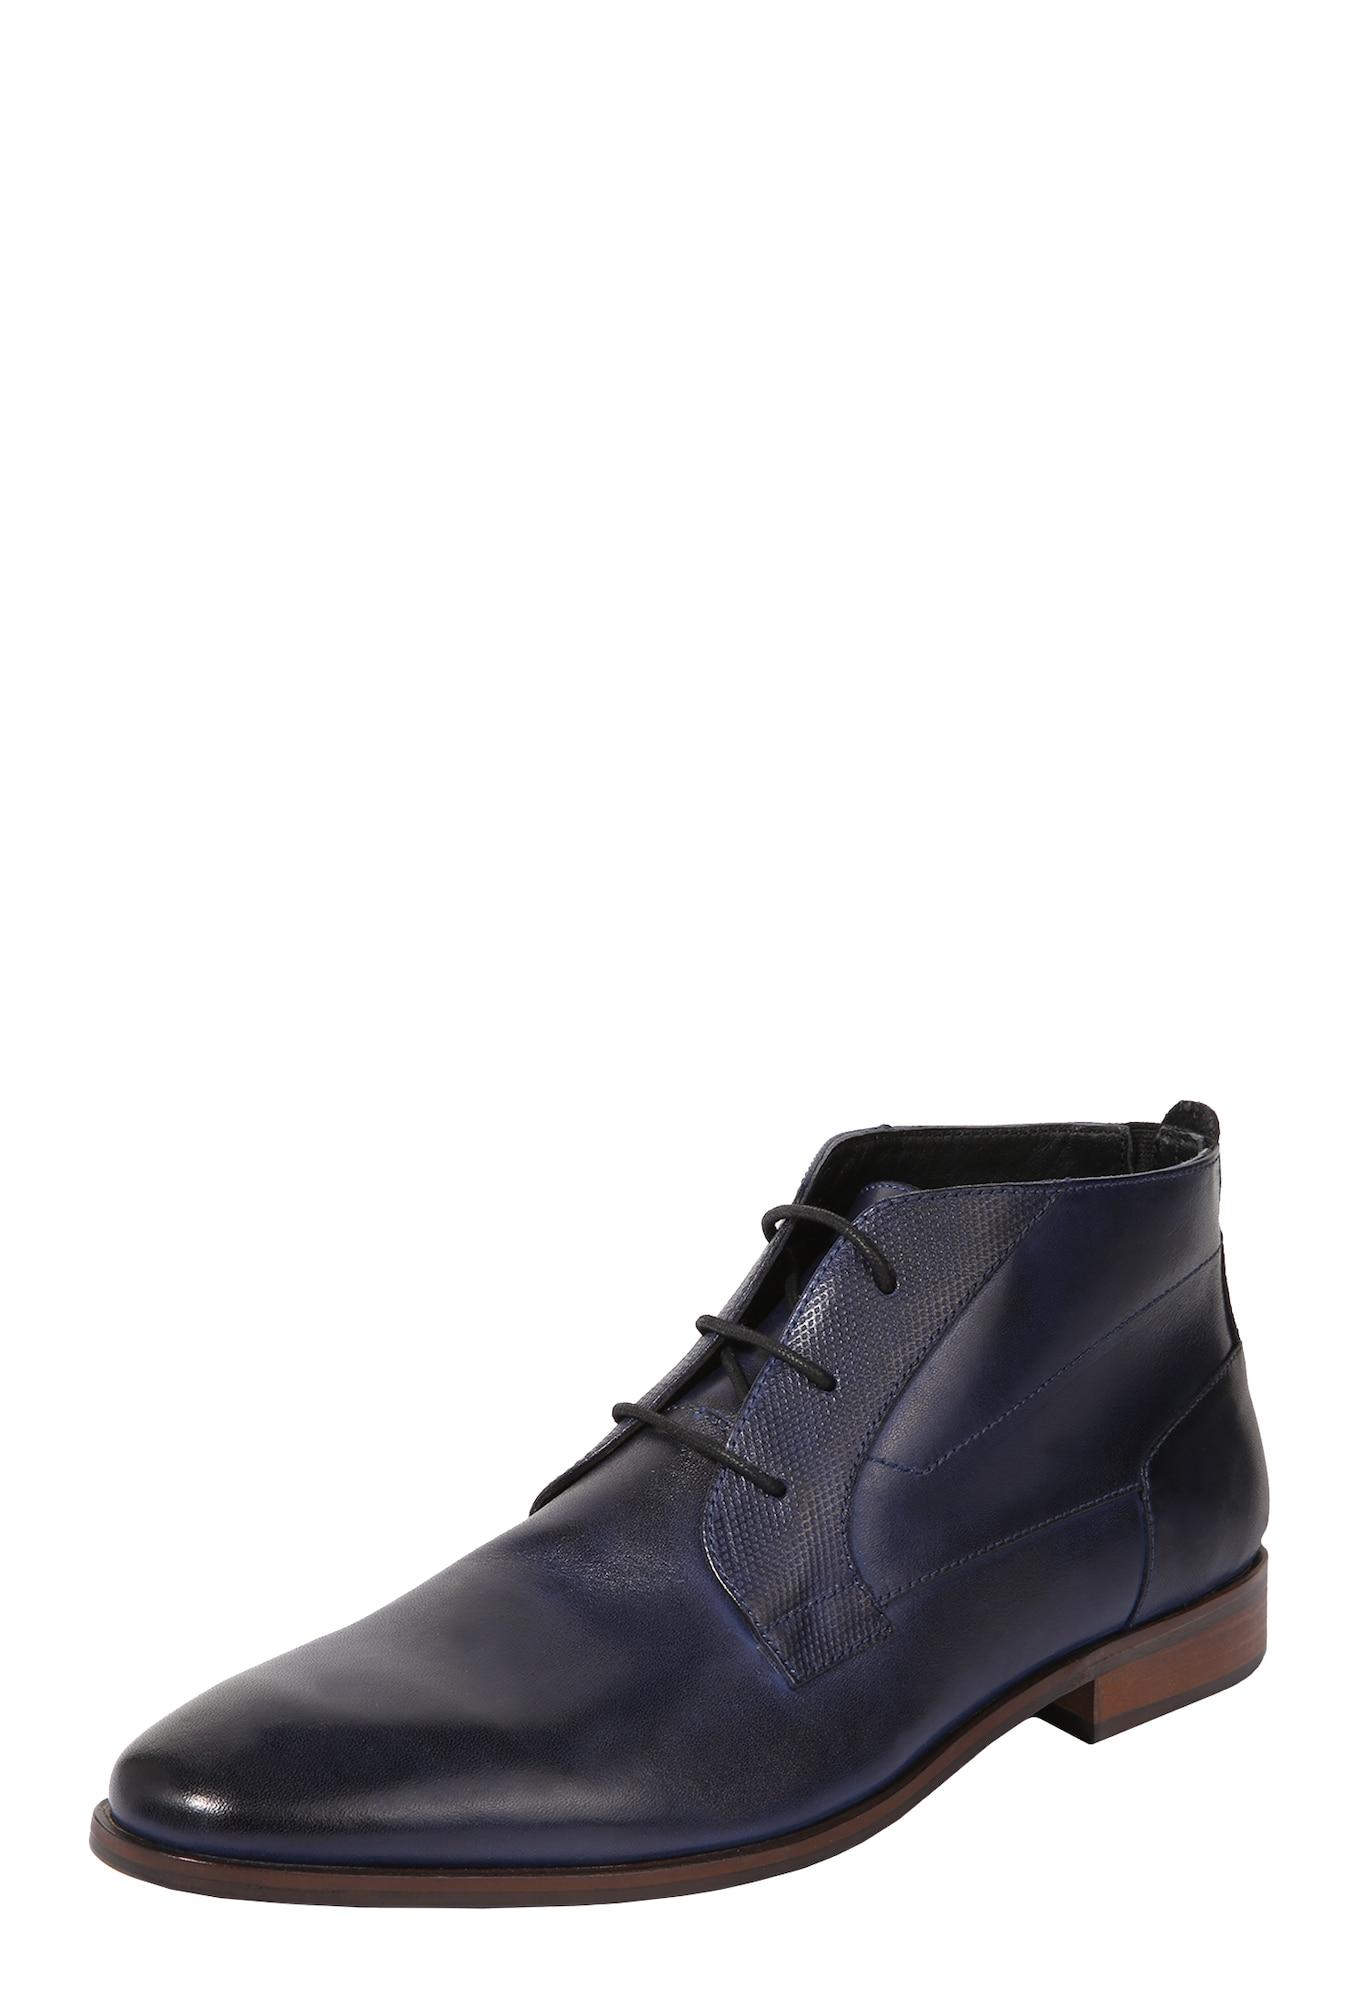 Šněrovací boty Joshua námořnická modř ABOUT YOU